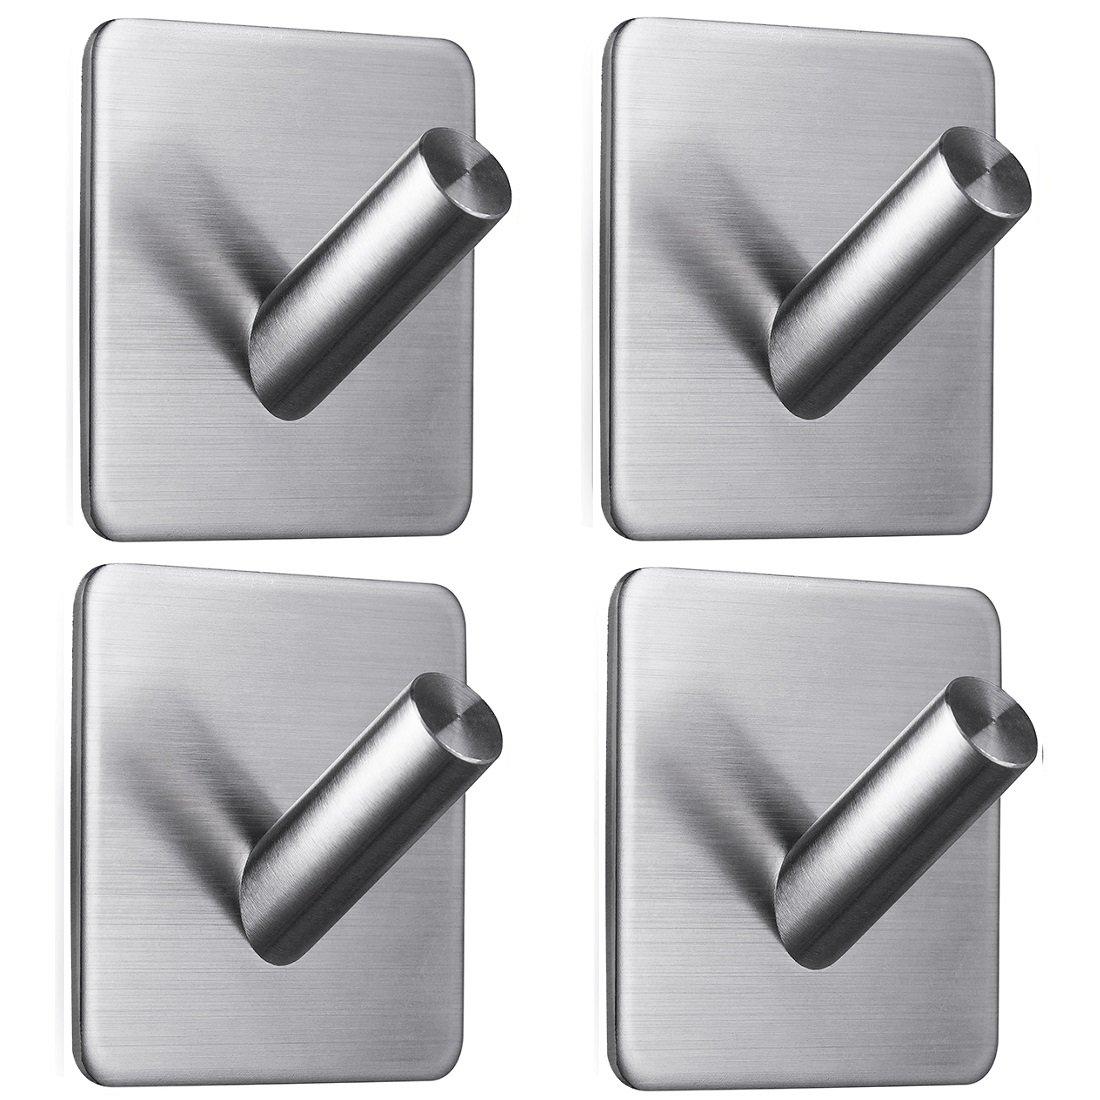 ステンレス鋼製フック 3Mの両面テープ 壁フック タオル掛け ローブ掛け 鍵掛け コートハンガー 浴室 キッチン 収納フック ブラシ加工 B073DZ6NYK 5